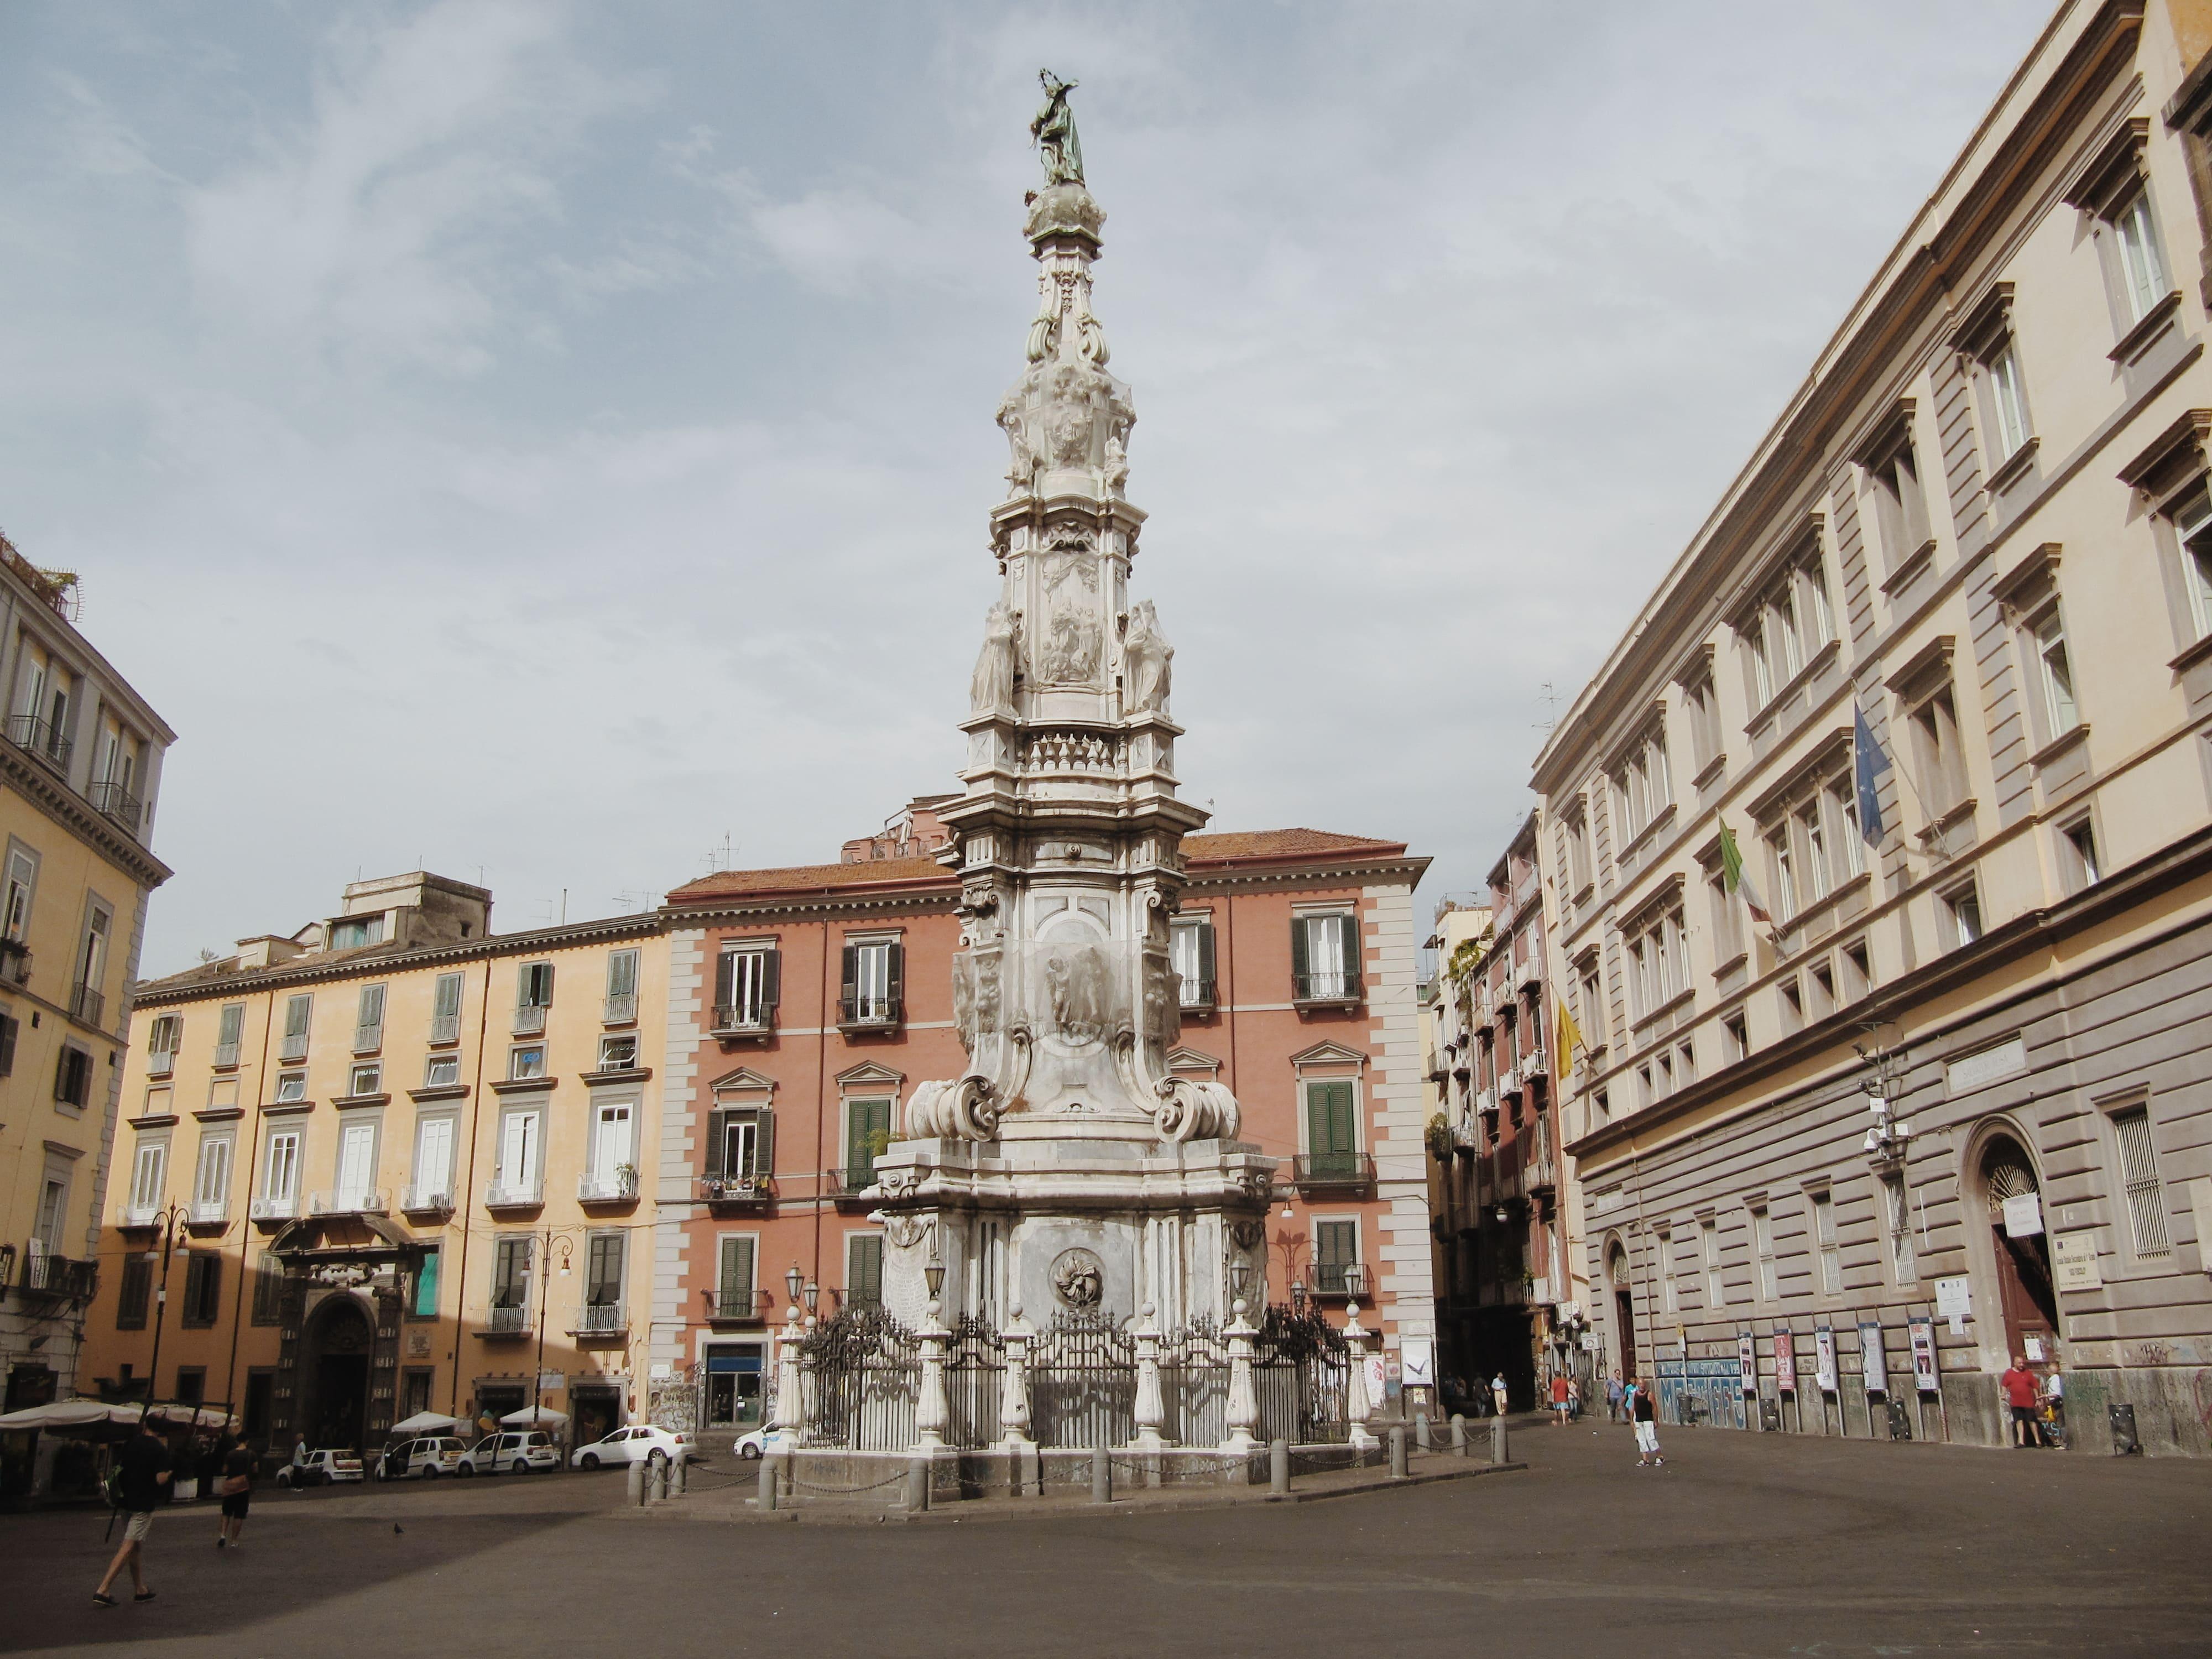 Piazza dell'Immacolata, Rome, Italy, travel